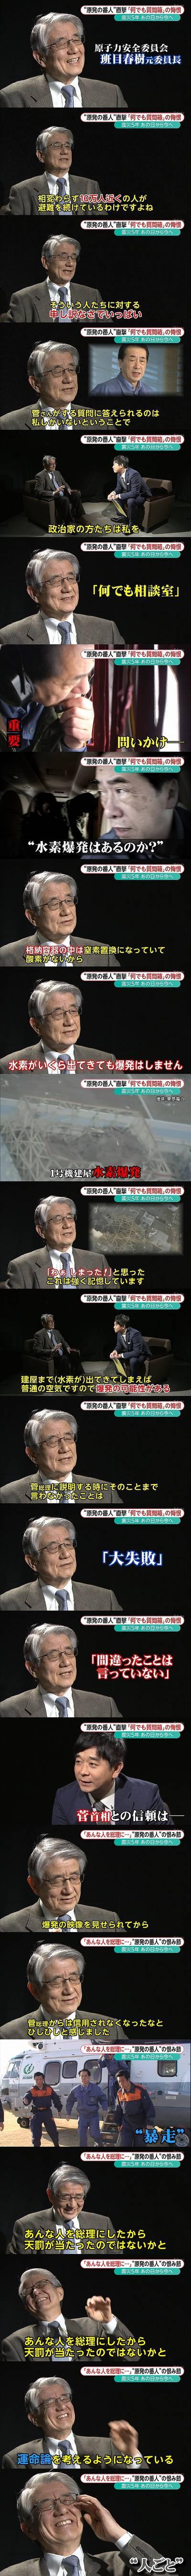 元原子力安全委員長の班目春樹さん「福島原発事故は菅を総理にしたから罰が当たったのかな(笑)」と大笑い